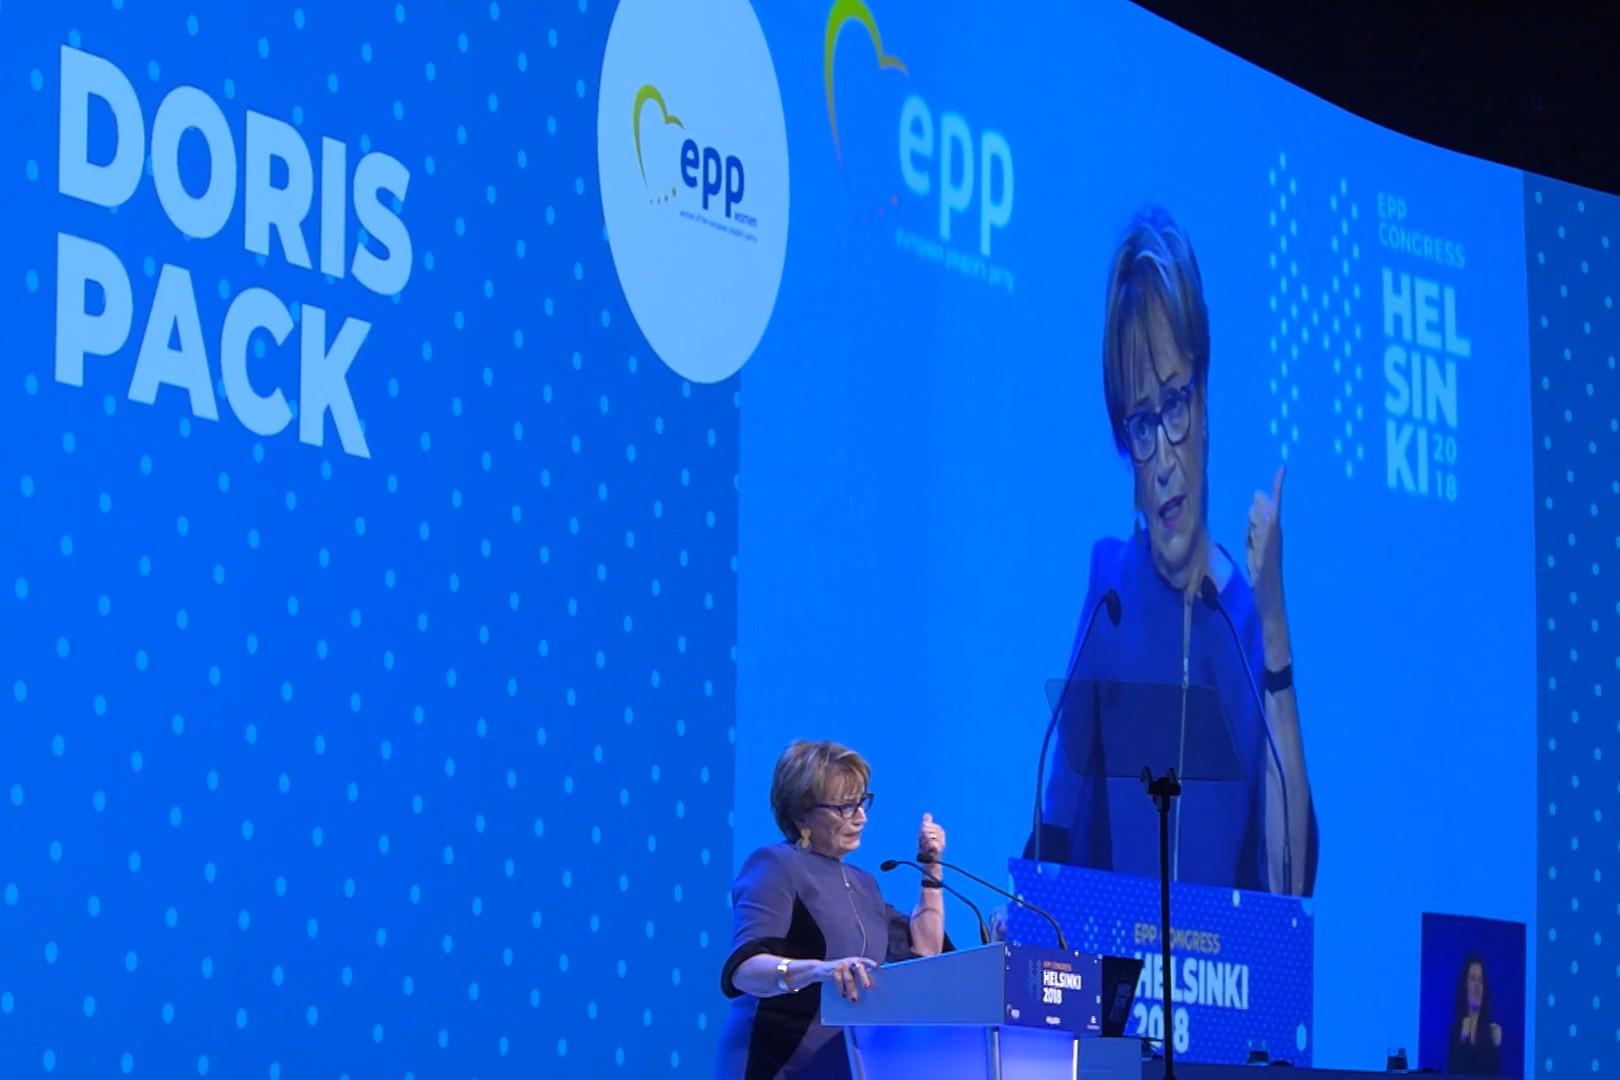 Doris Pak prilikom govora na kongresu EPP-a u Helsinkiju, 07. novembar 2018. (Foto: Snimak ekrana/Jutjub/EPP)